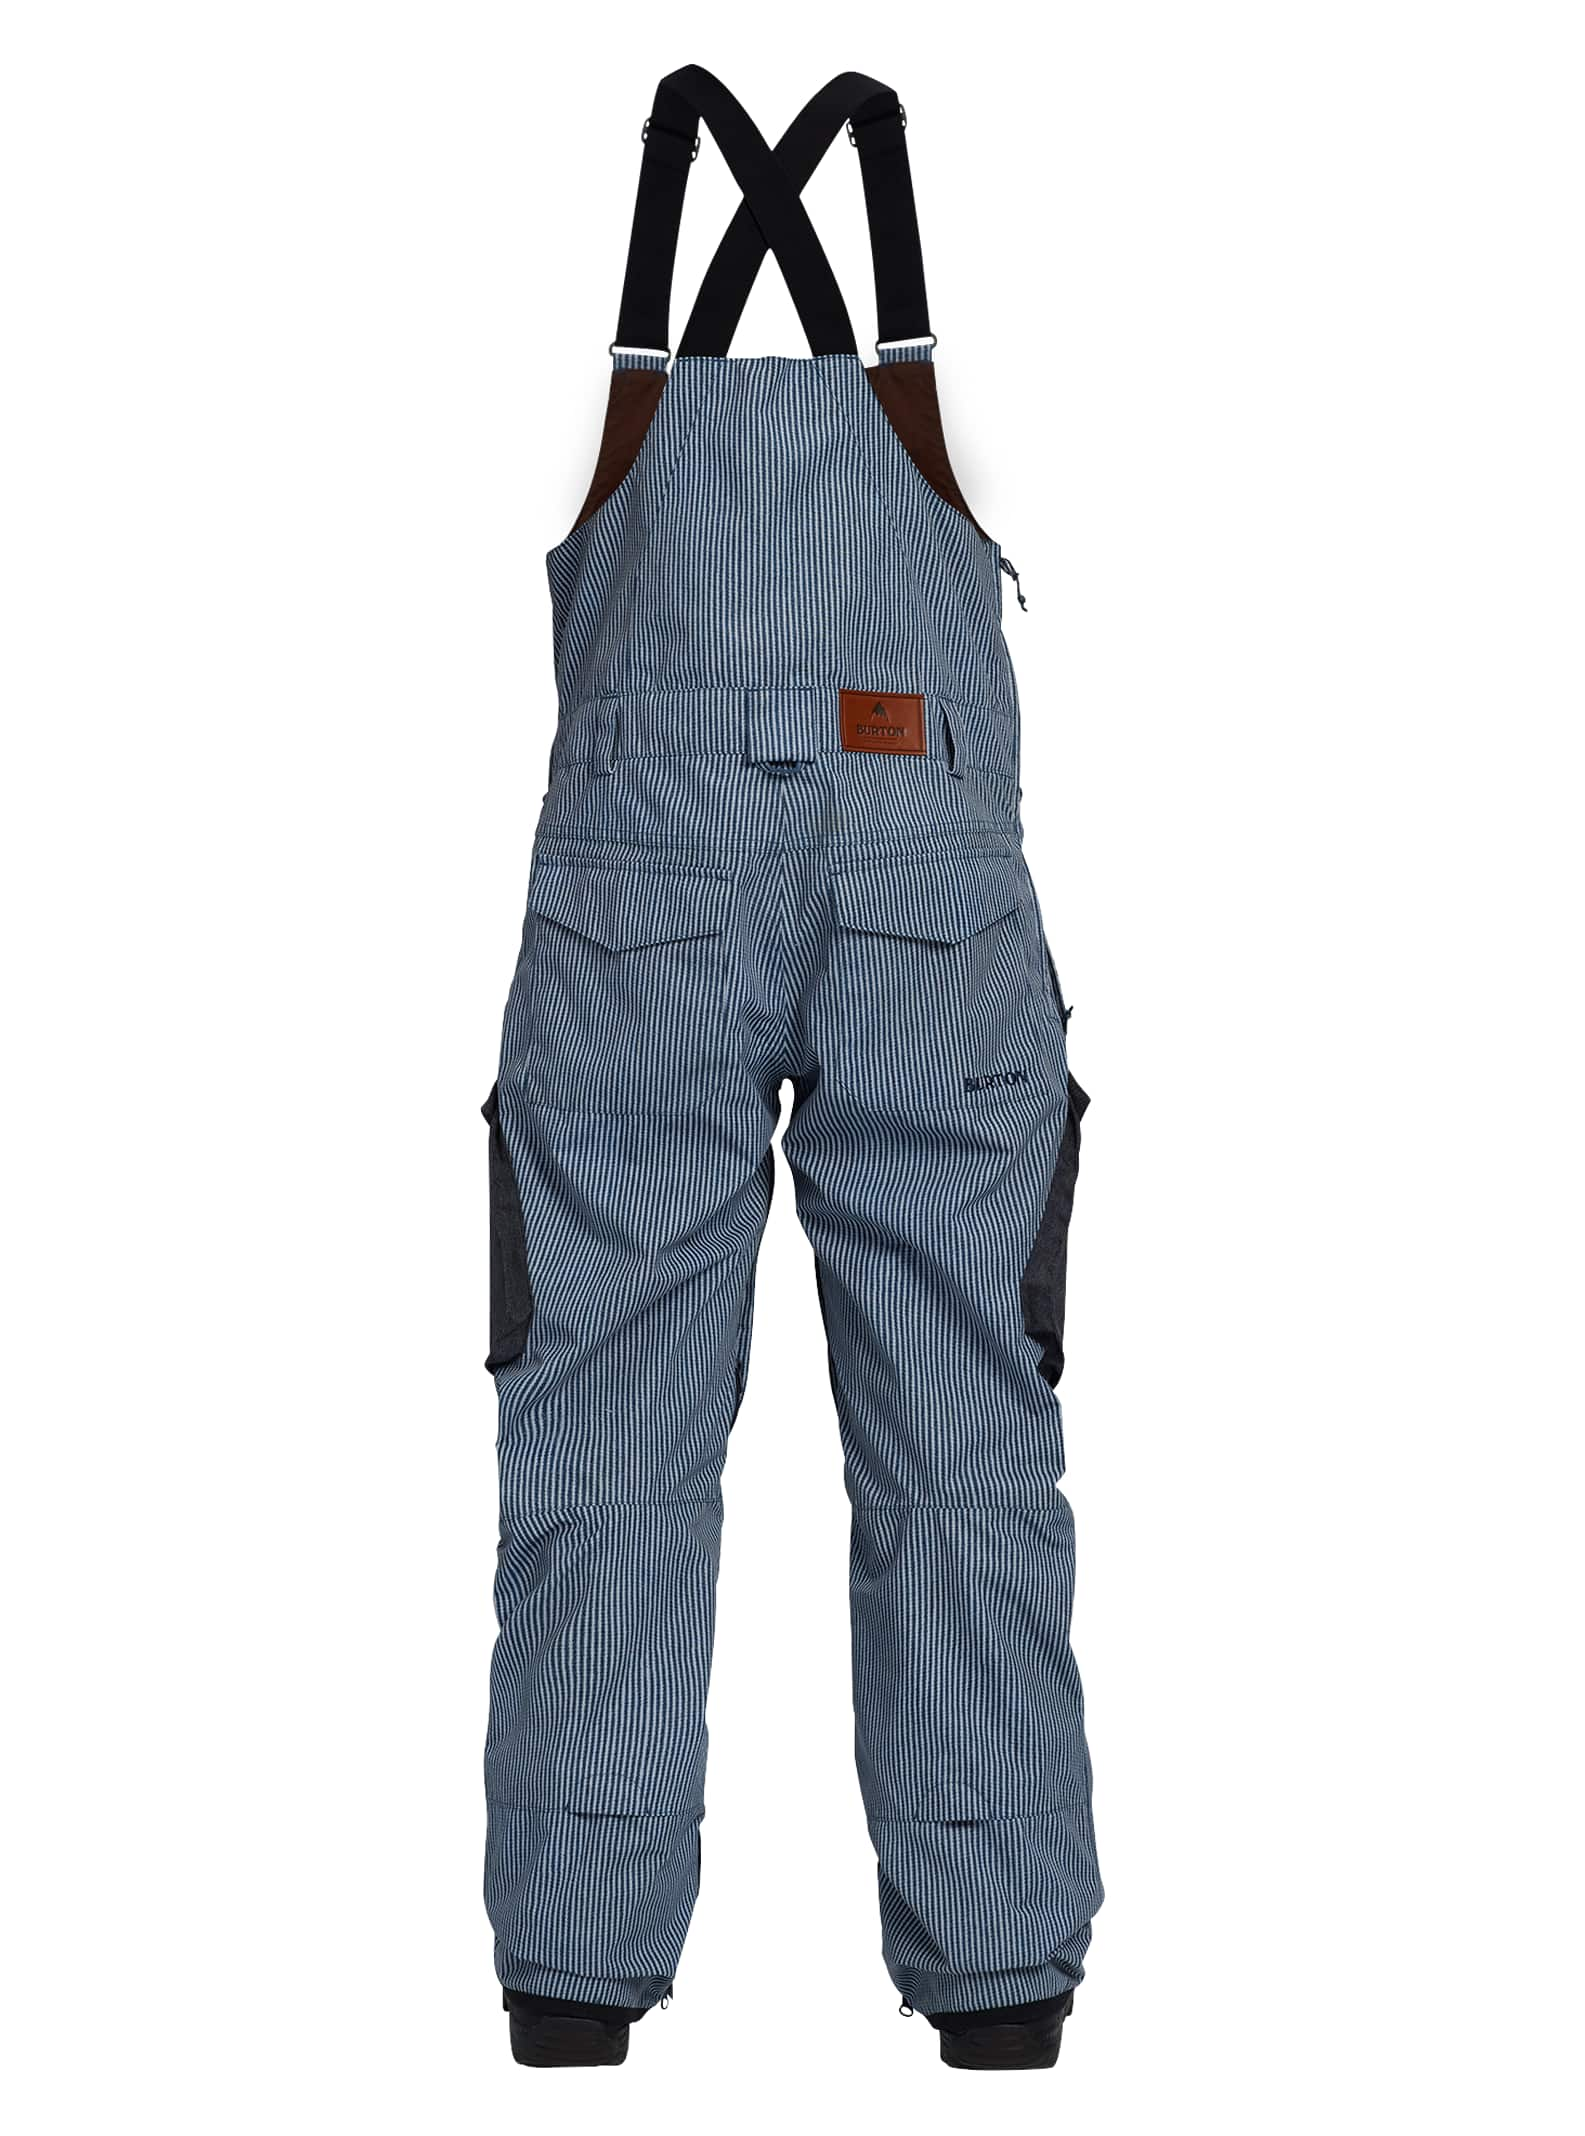 41ece5bfa198 Men s Snowboard Pants   Bibs